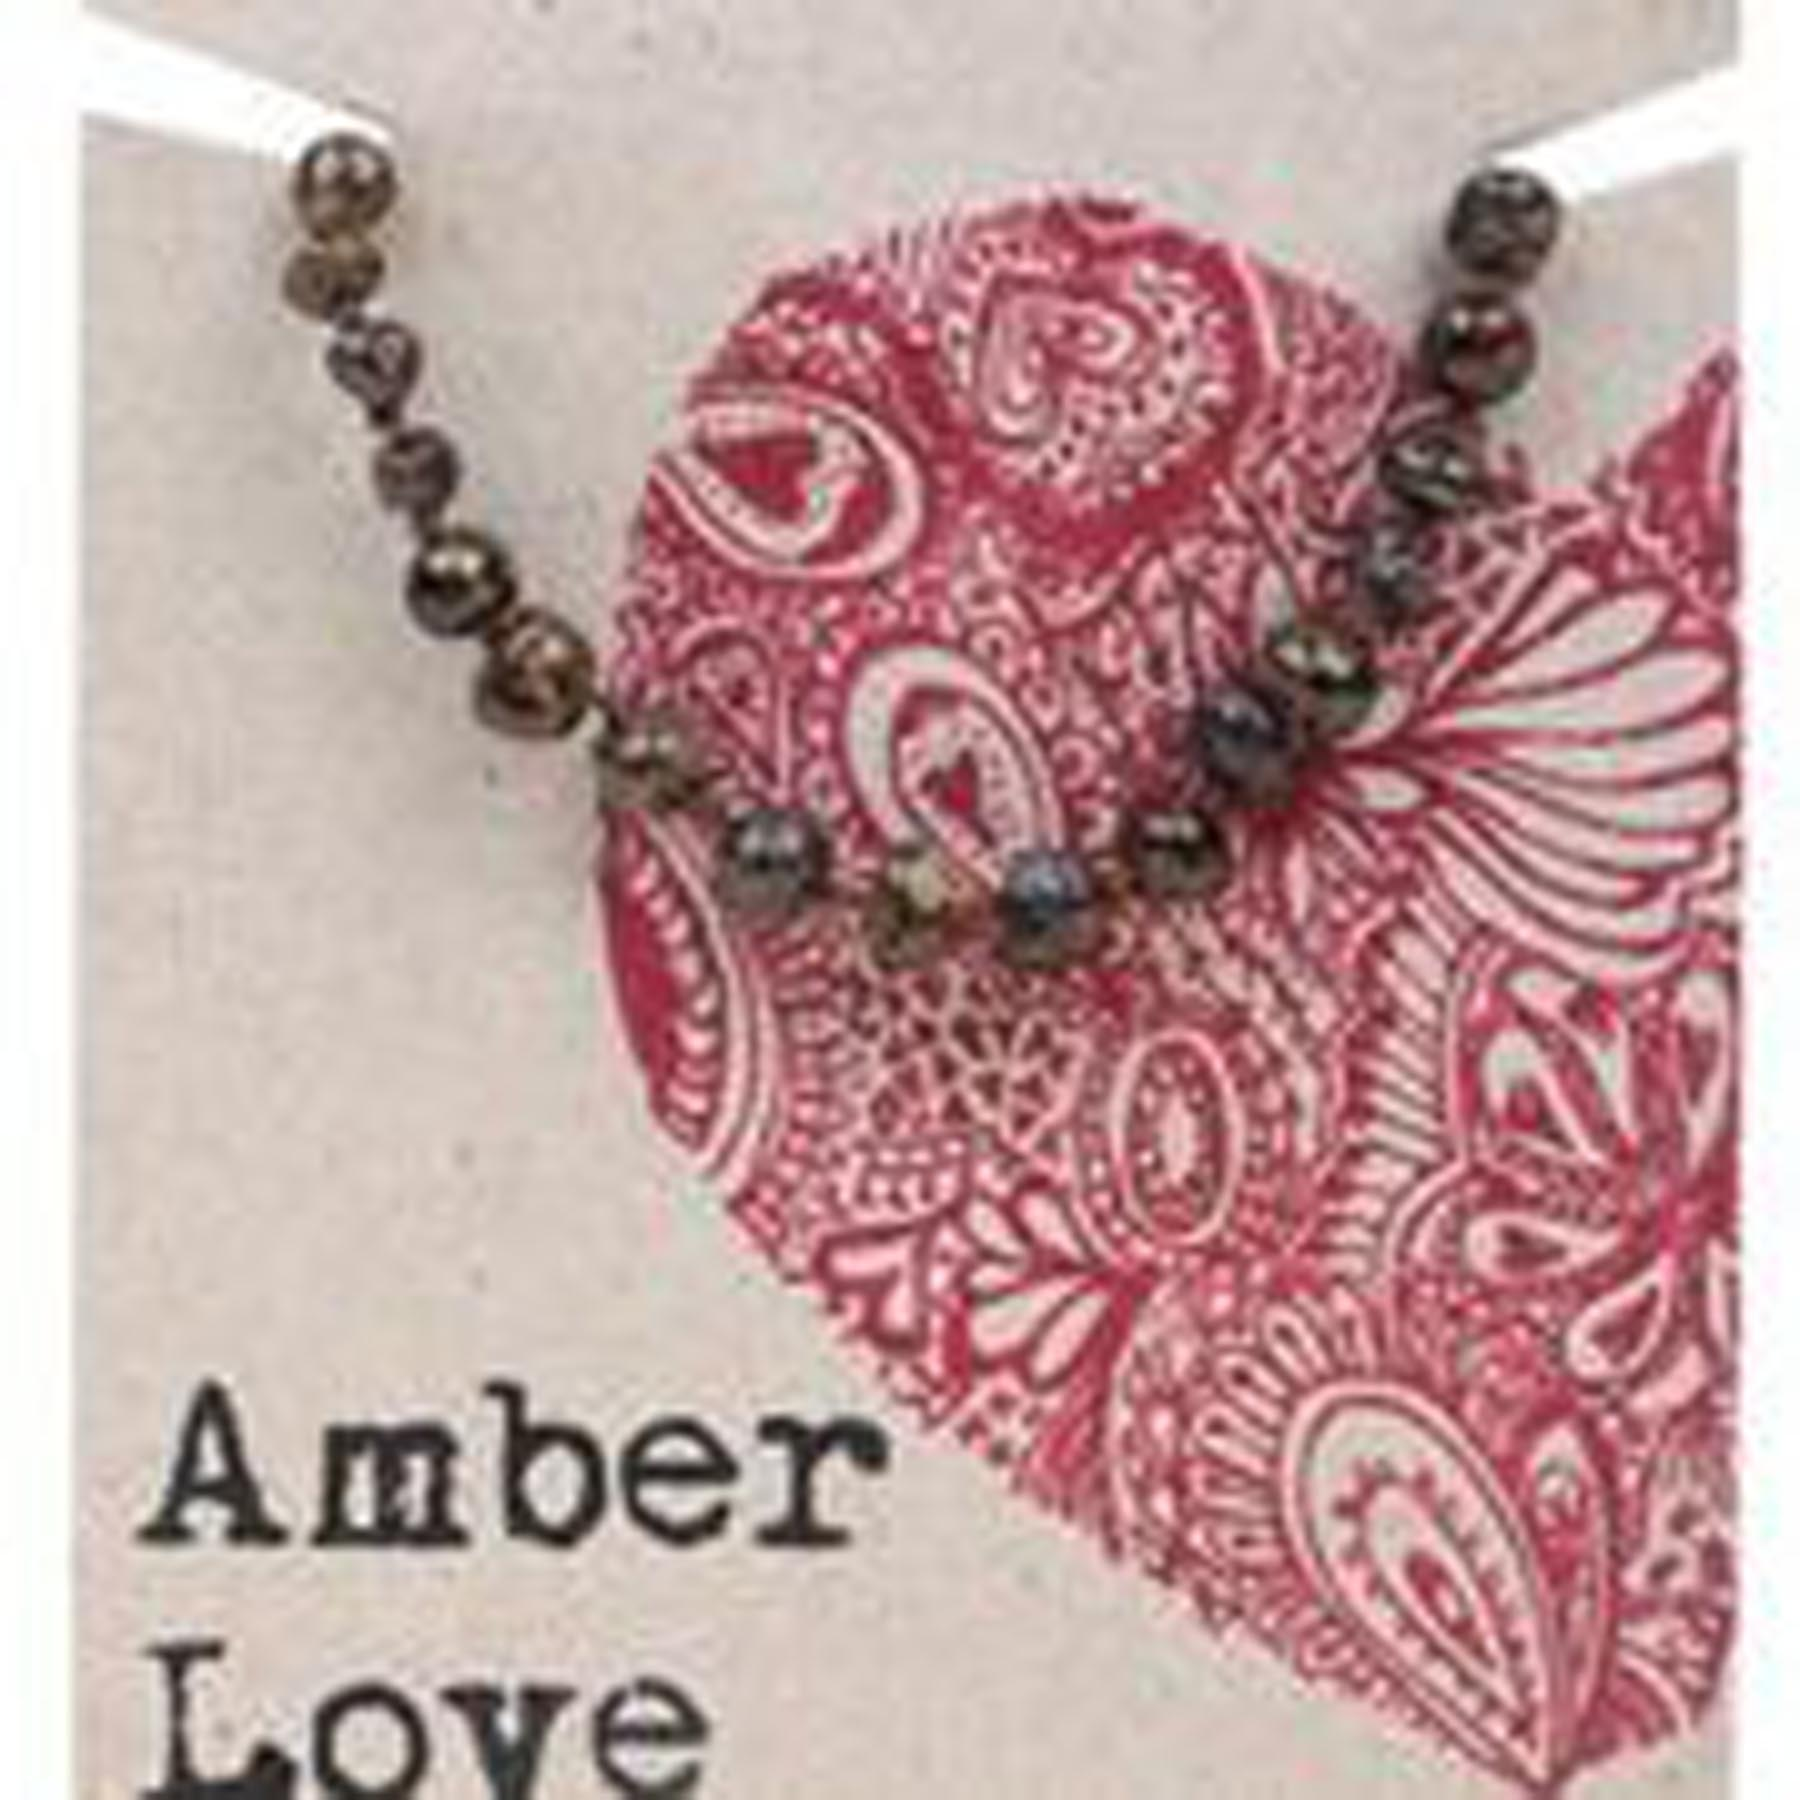 AMBER LOVE CHILD BRACELET / ANKLET OLIVE LOVE